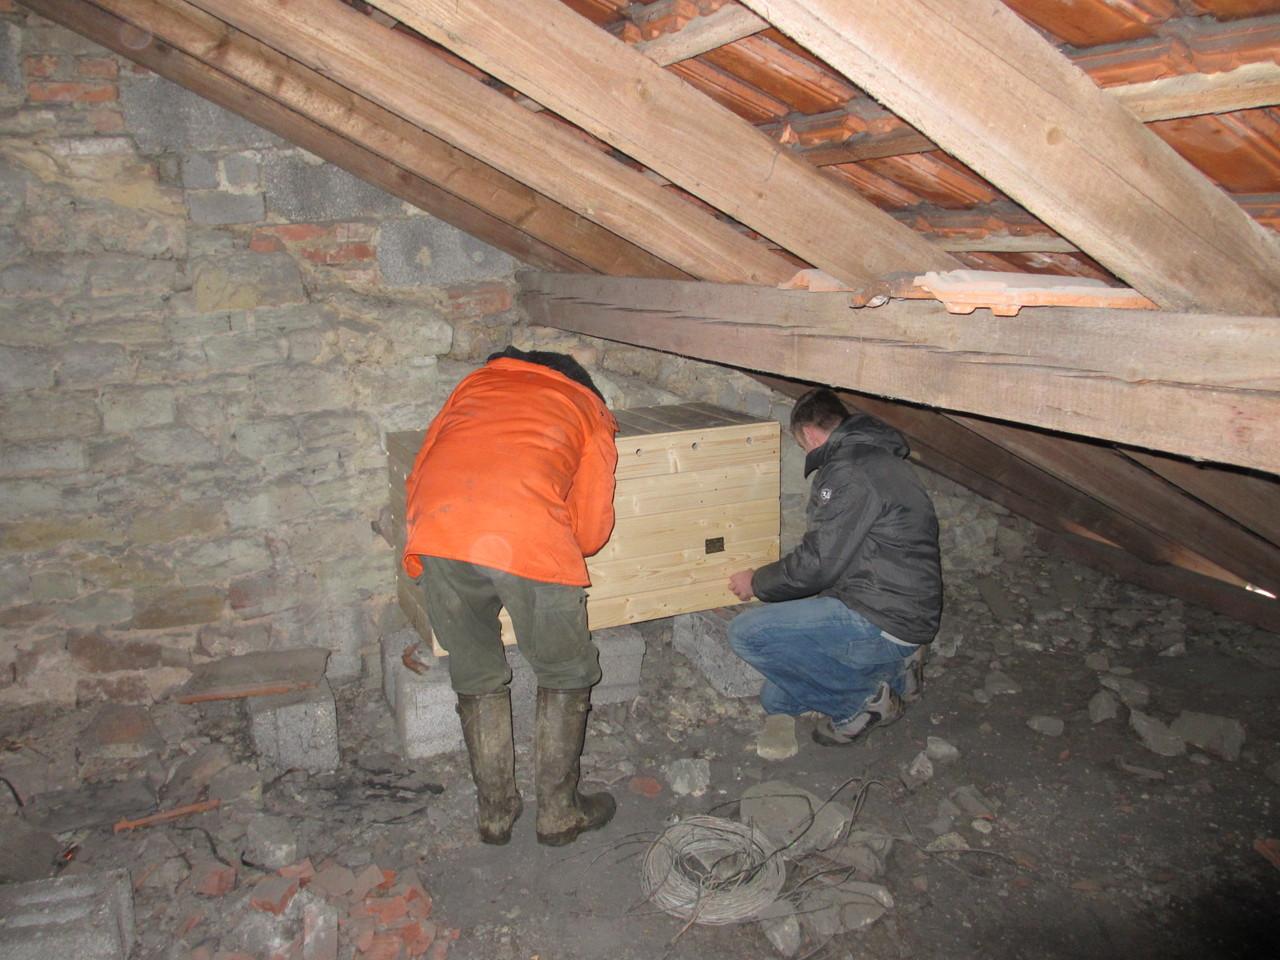 Anbringen von einem Schleiereulennistkasten in einem Dachgeschoss